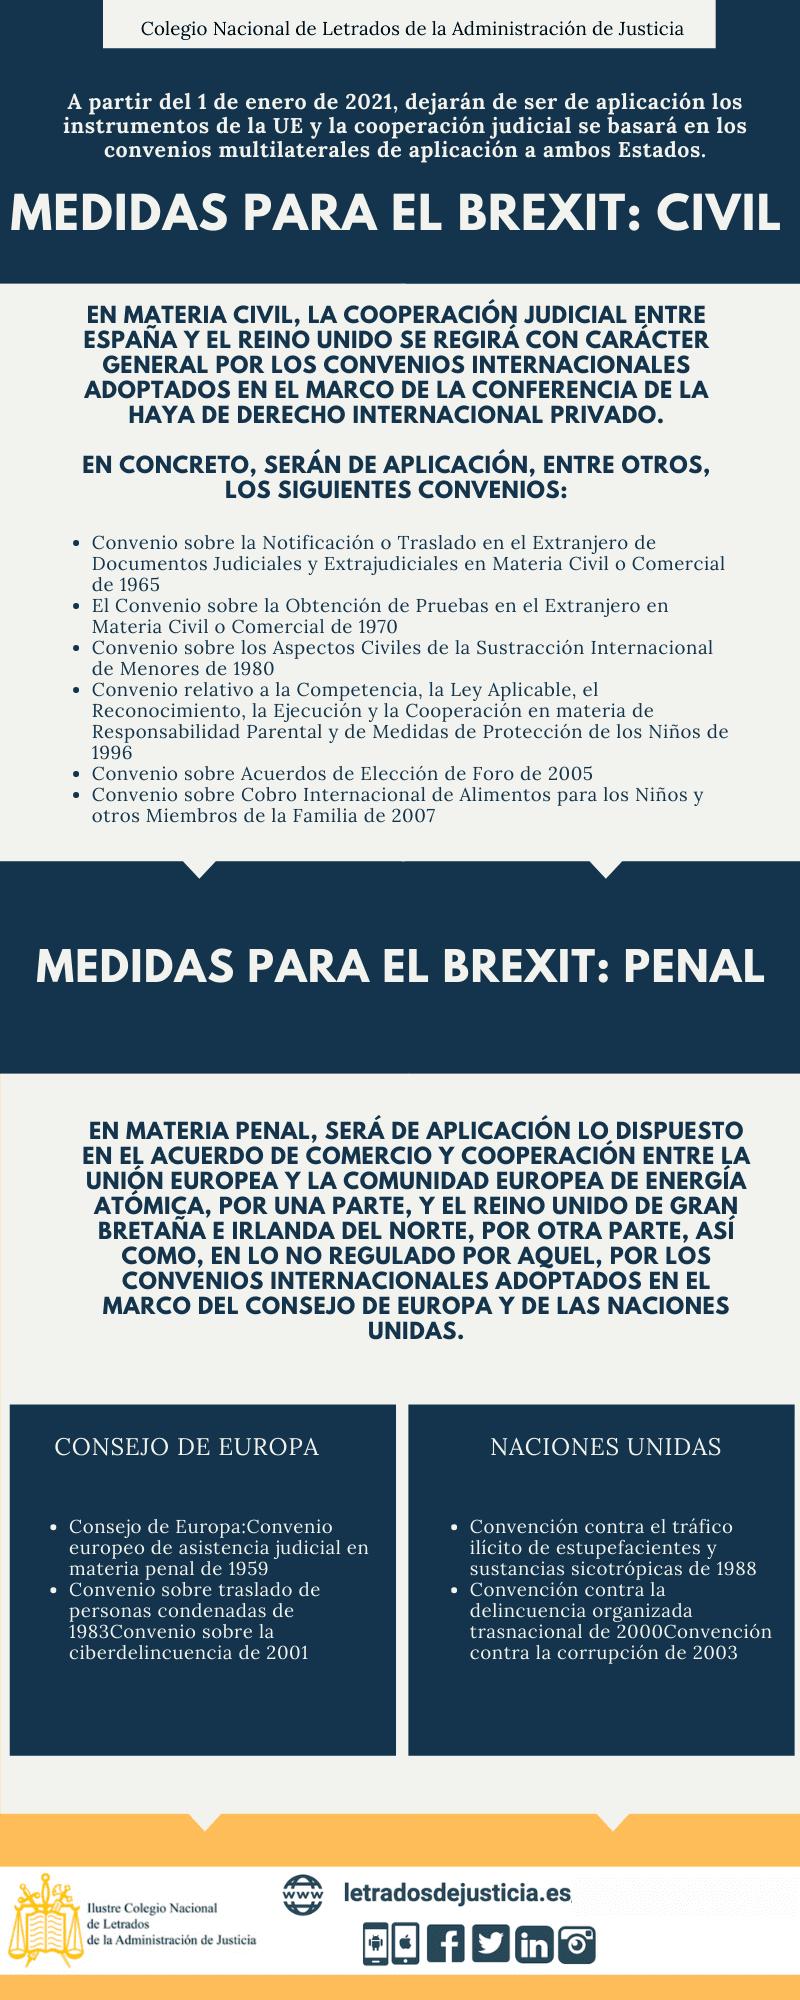 Infografia Medidas Brexit Justicia